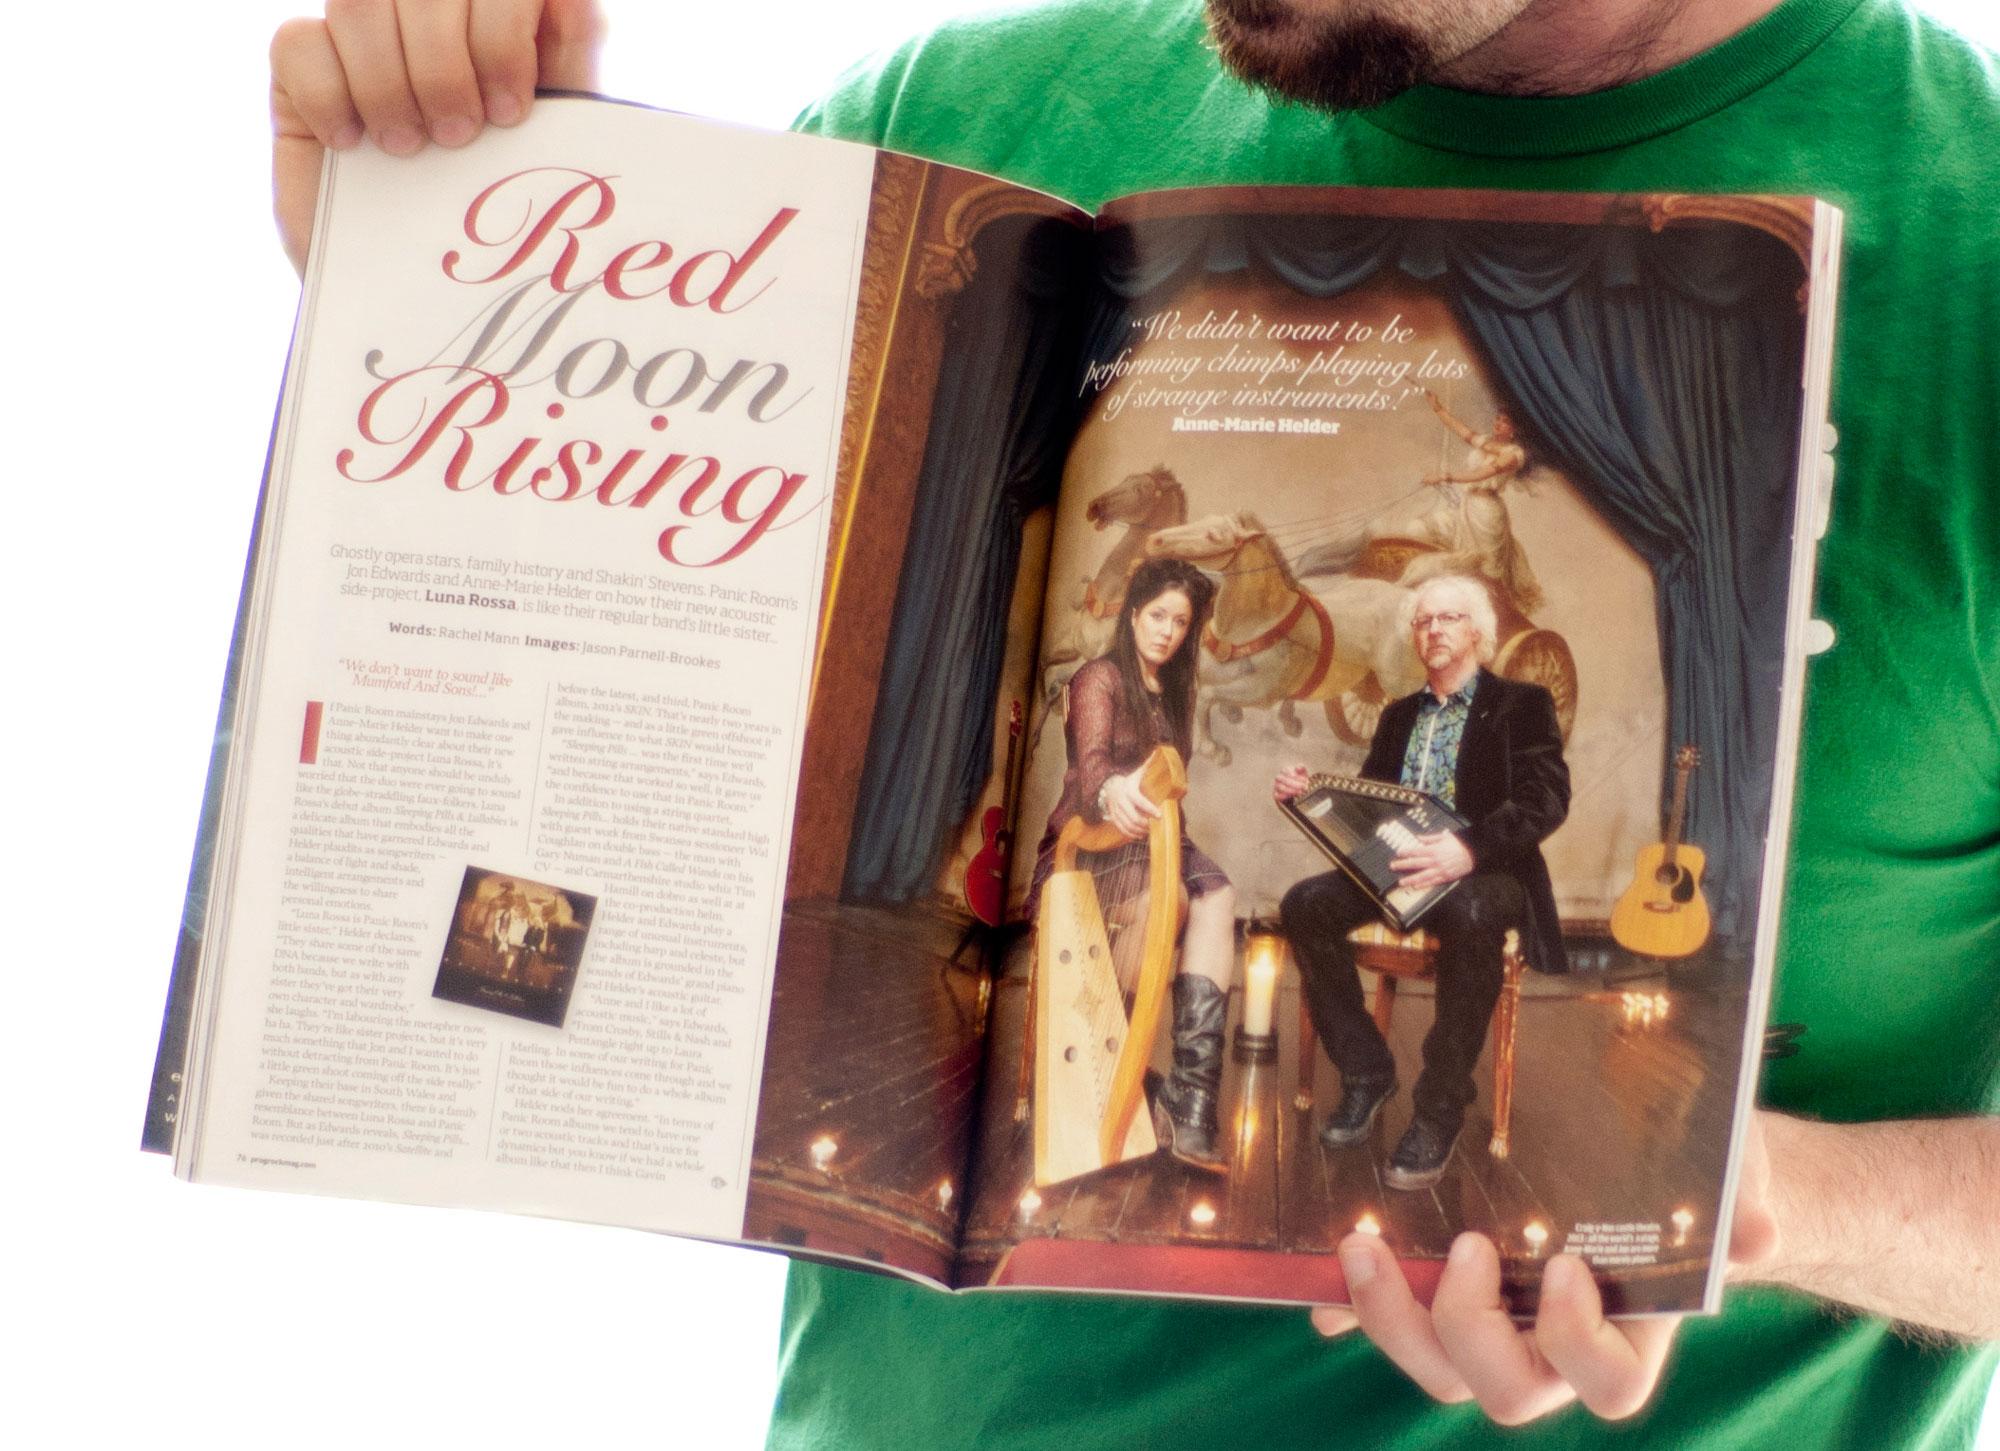 Luna Rossa shot for Prog Rock magazine